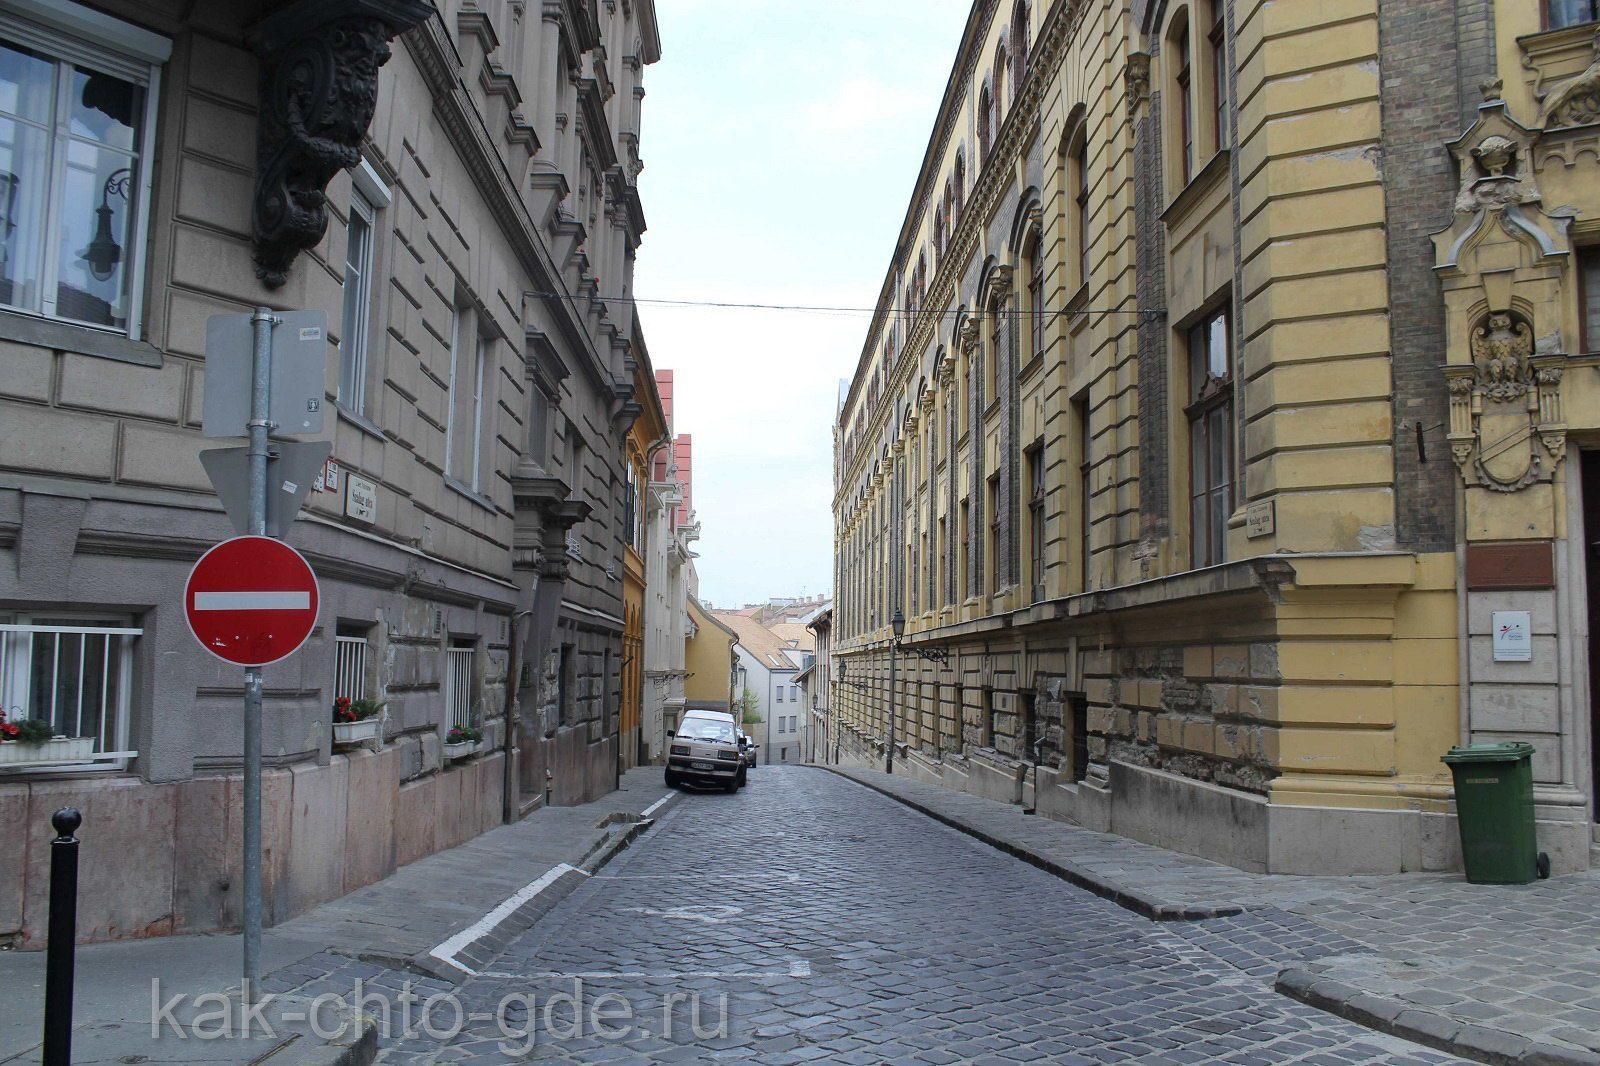 Второстипенные улицы Будапешта